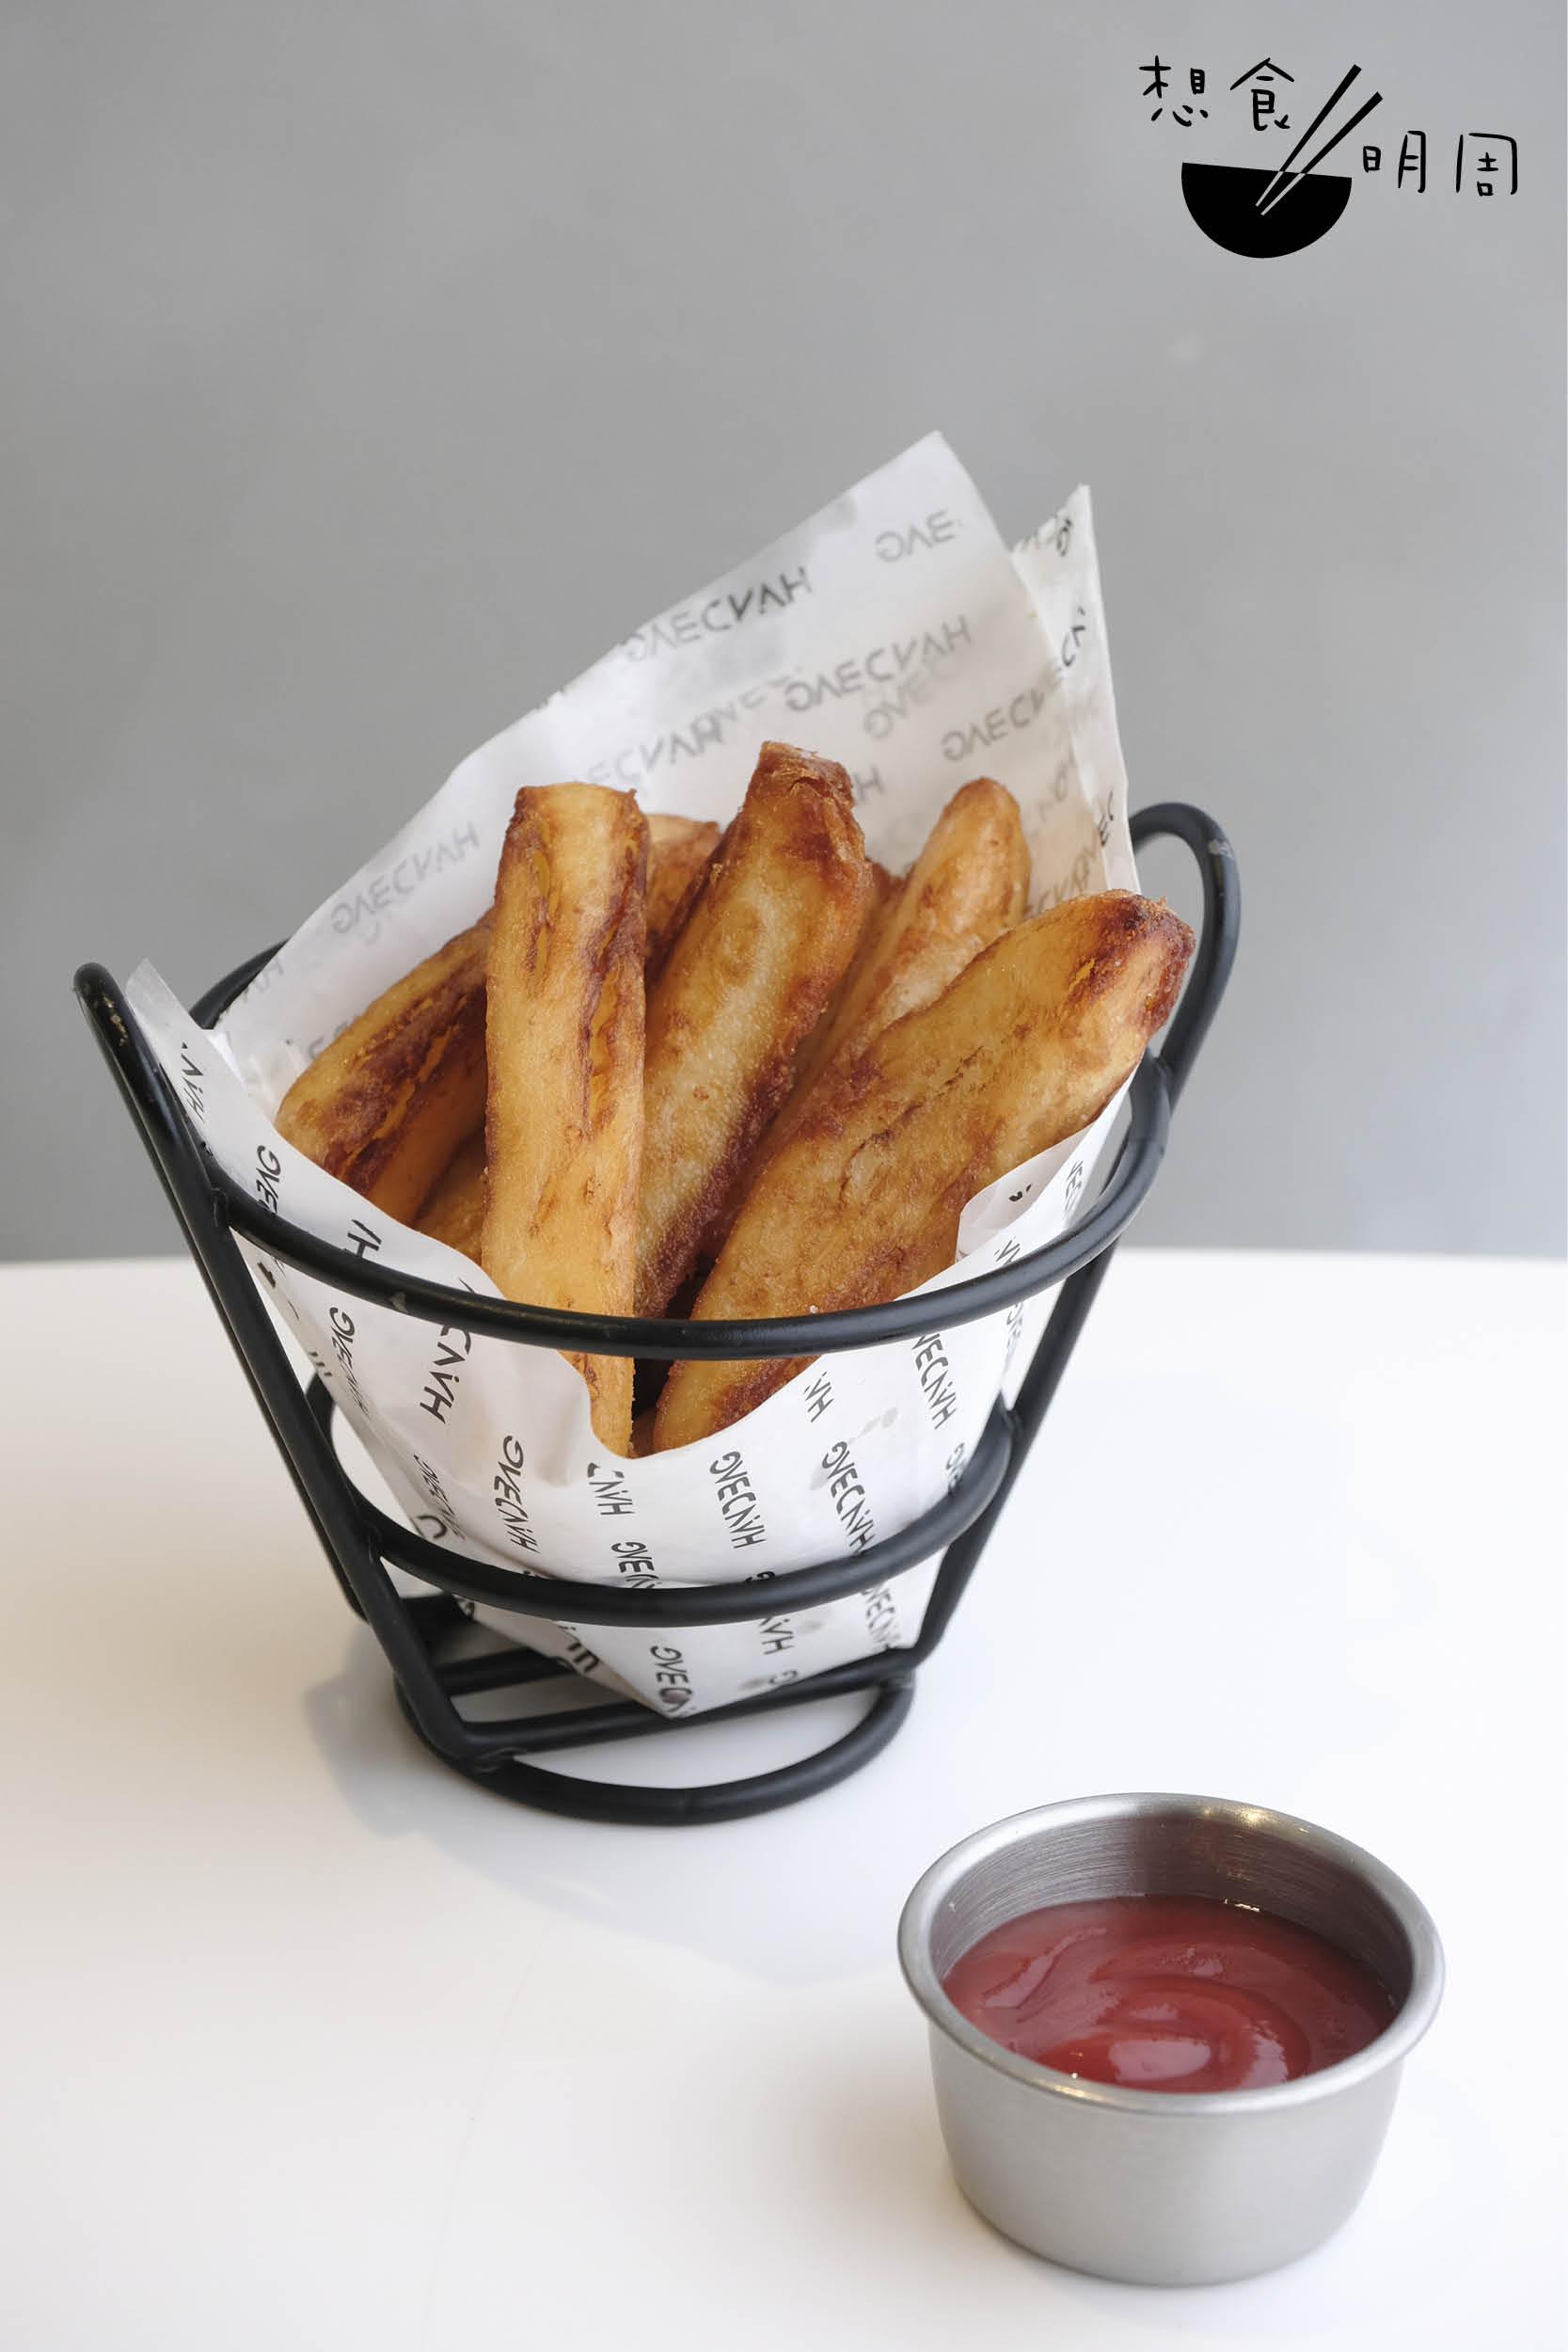 3日3夜自家手切薯條 // 這份薯條份量不多,但用上1至1.5個Agria薯仔,花足三天才完成。($45)